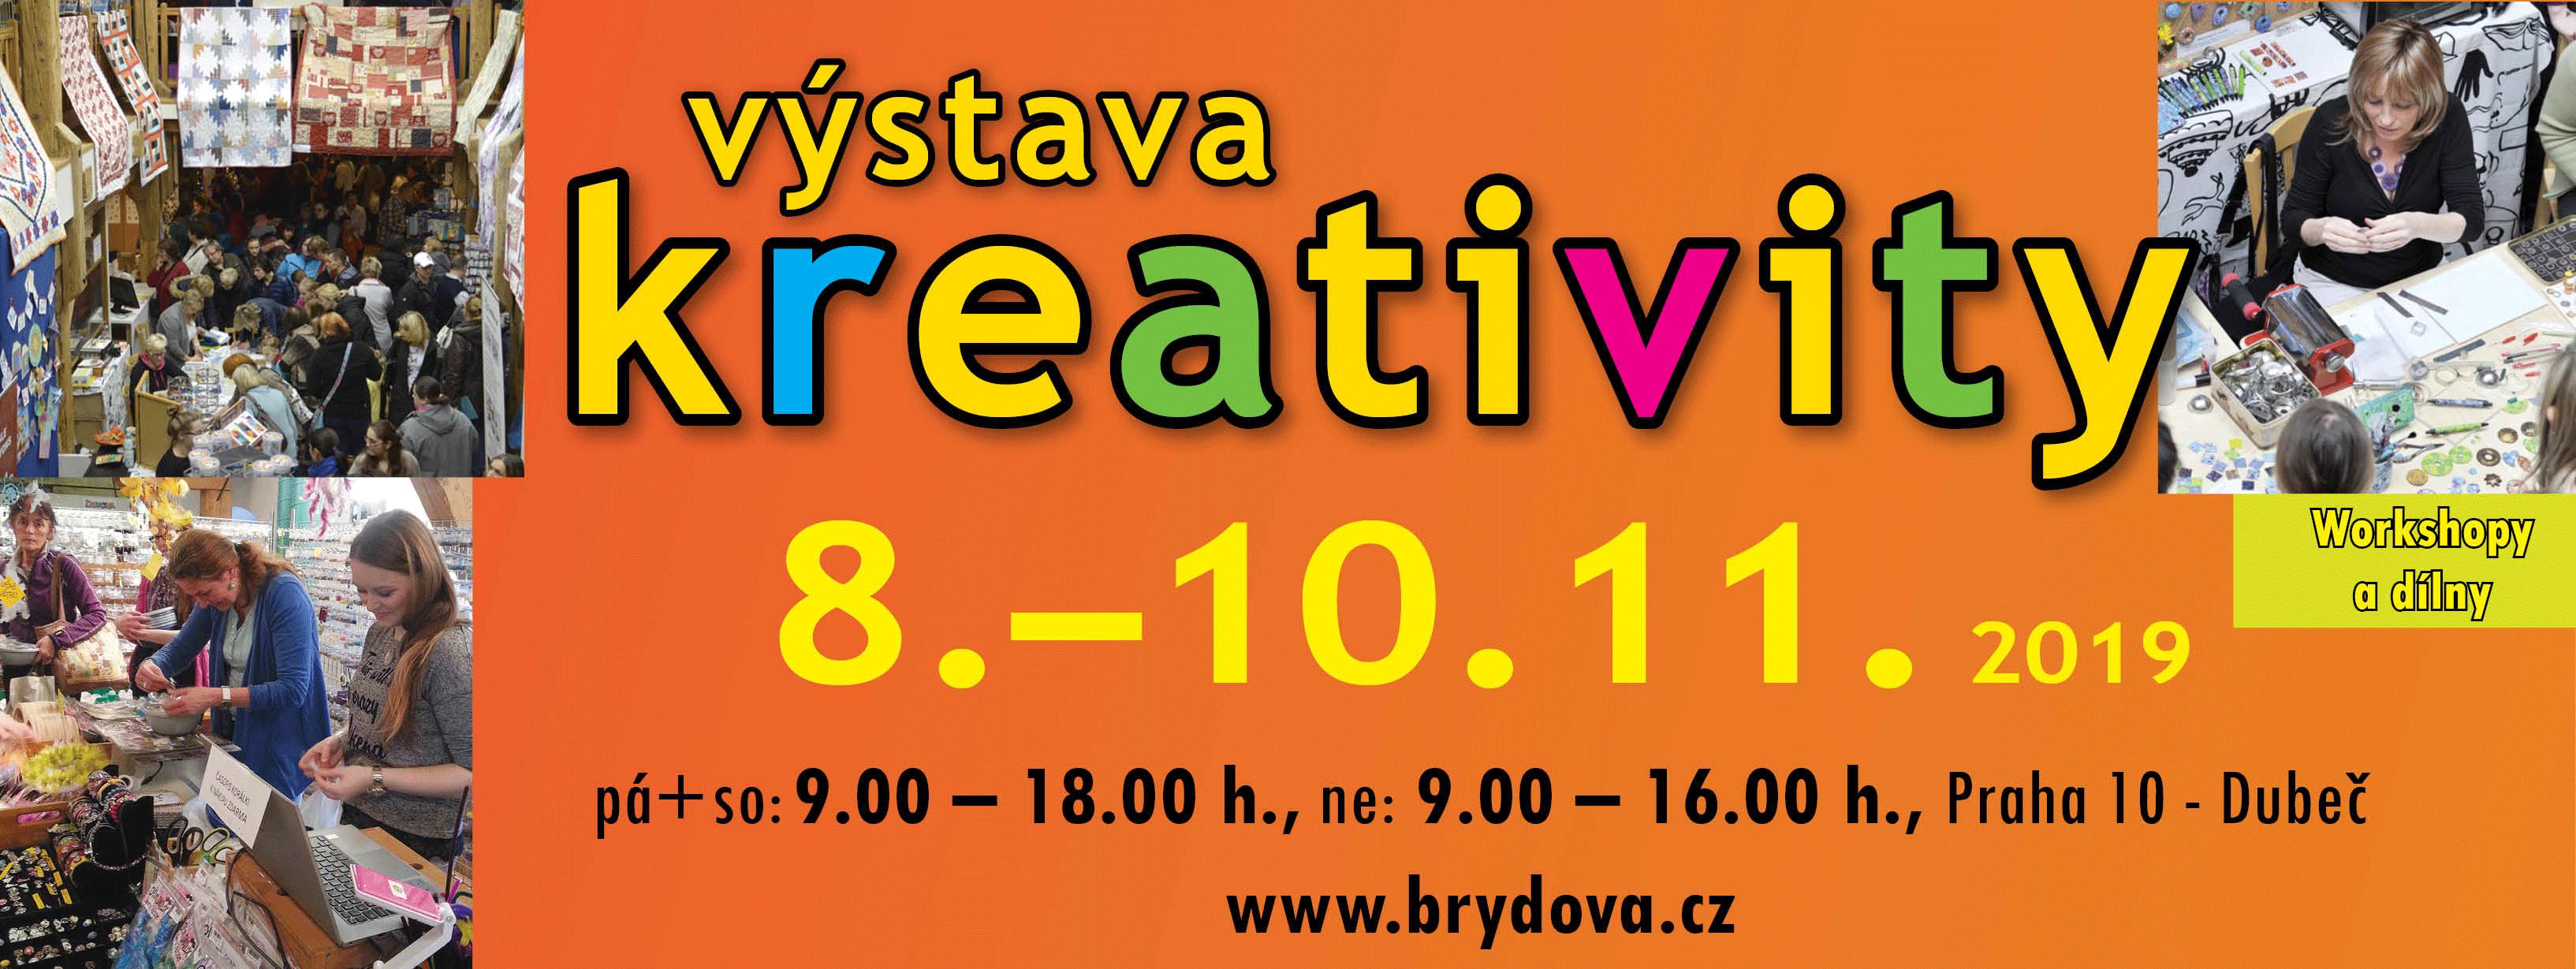 Výstava Kreativity – podzim 2019